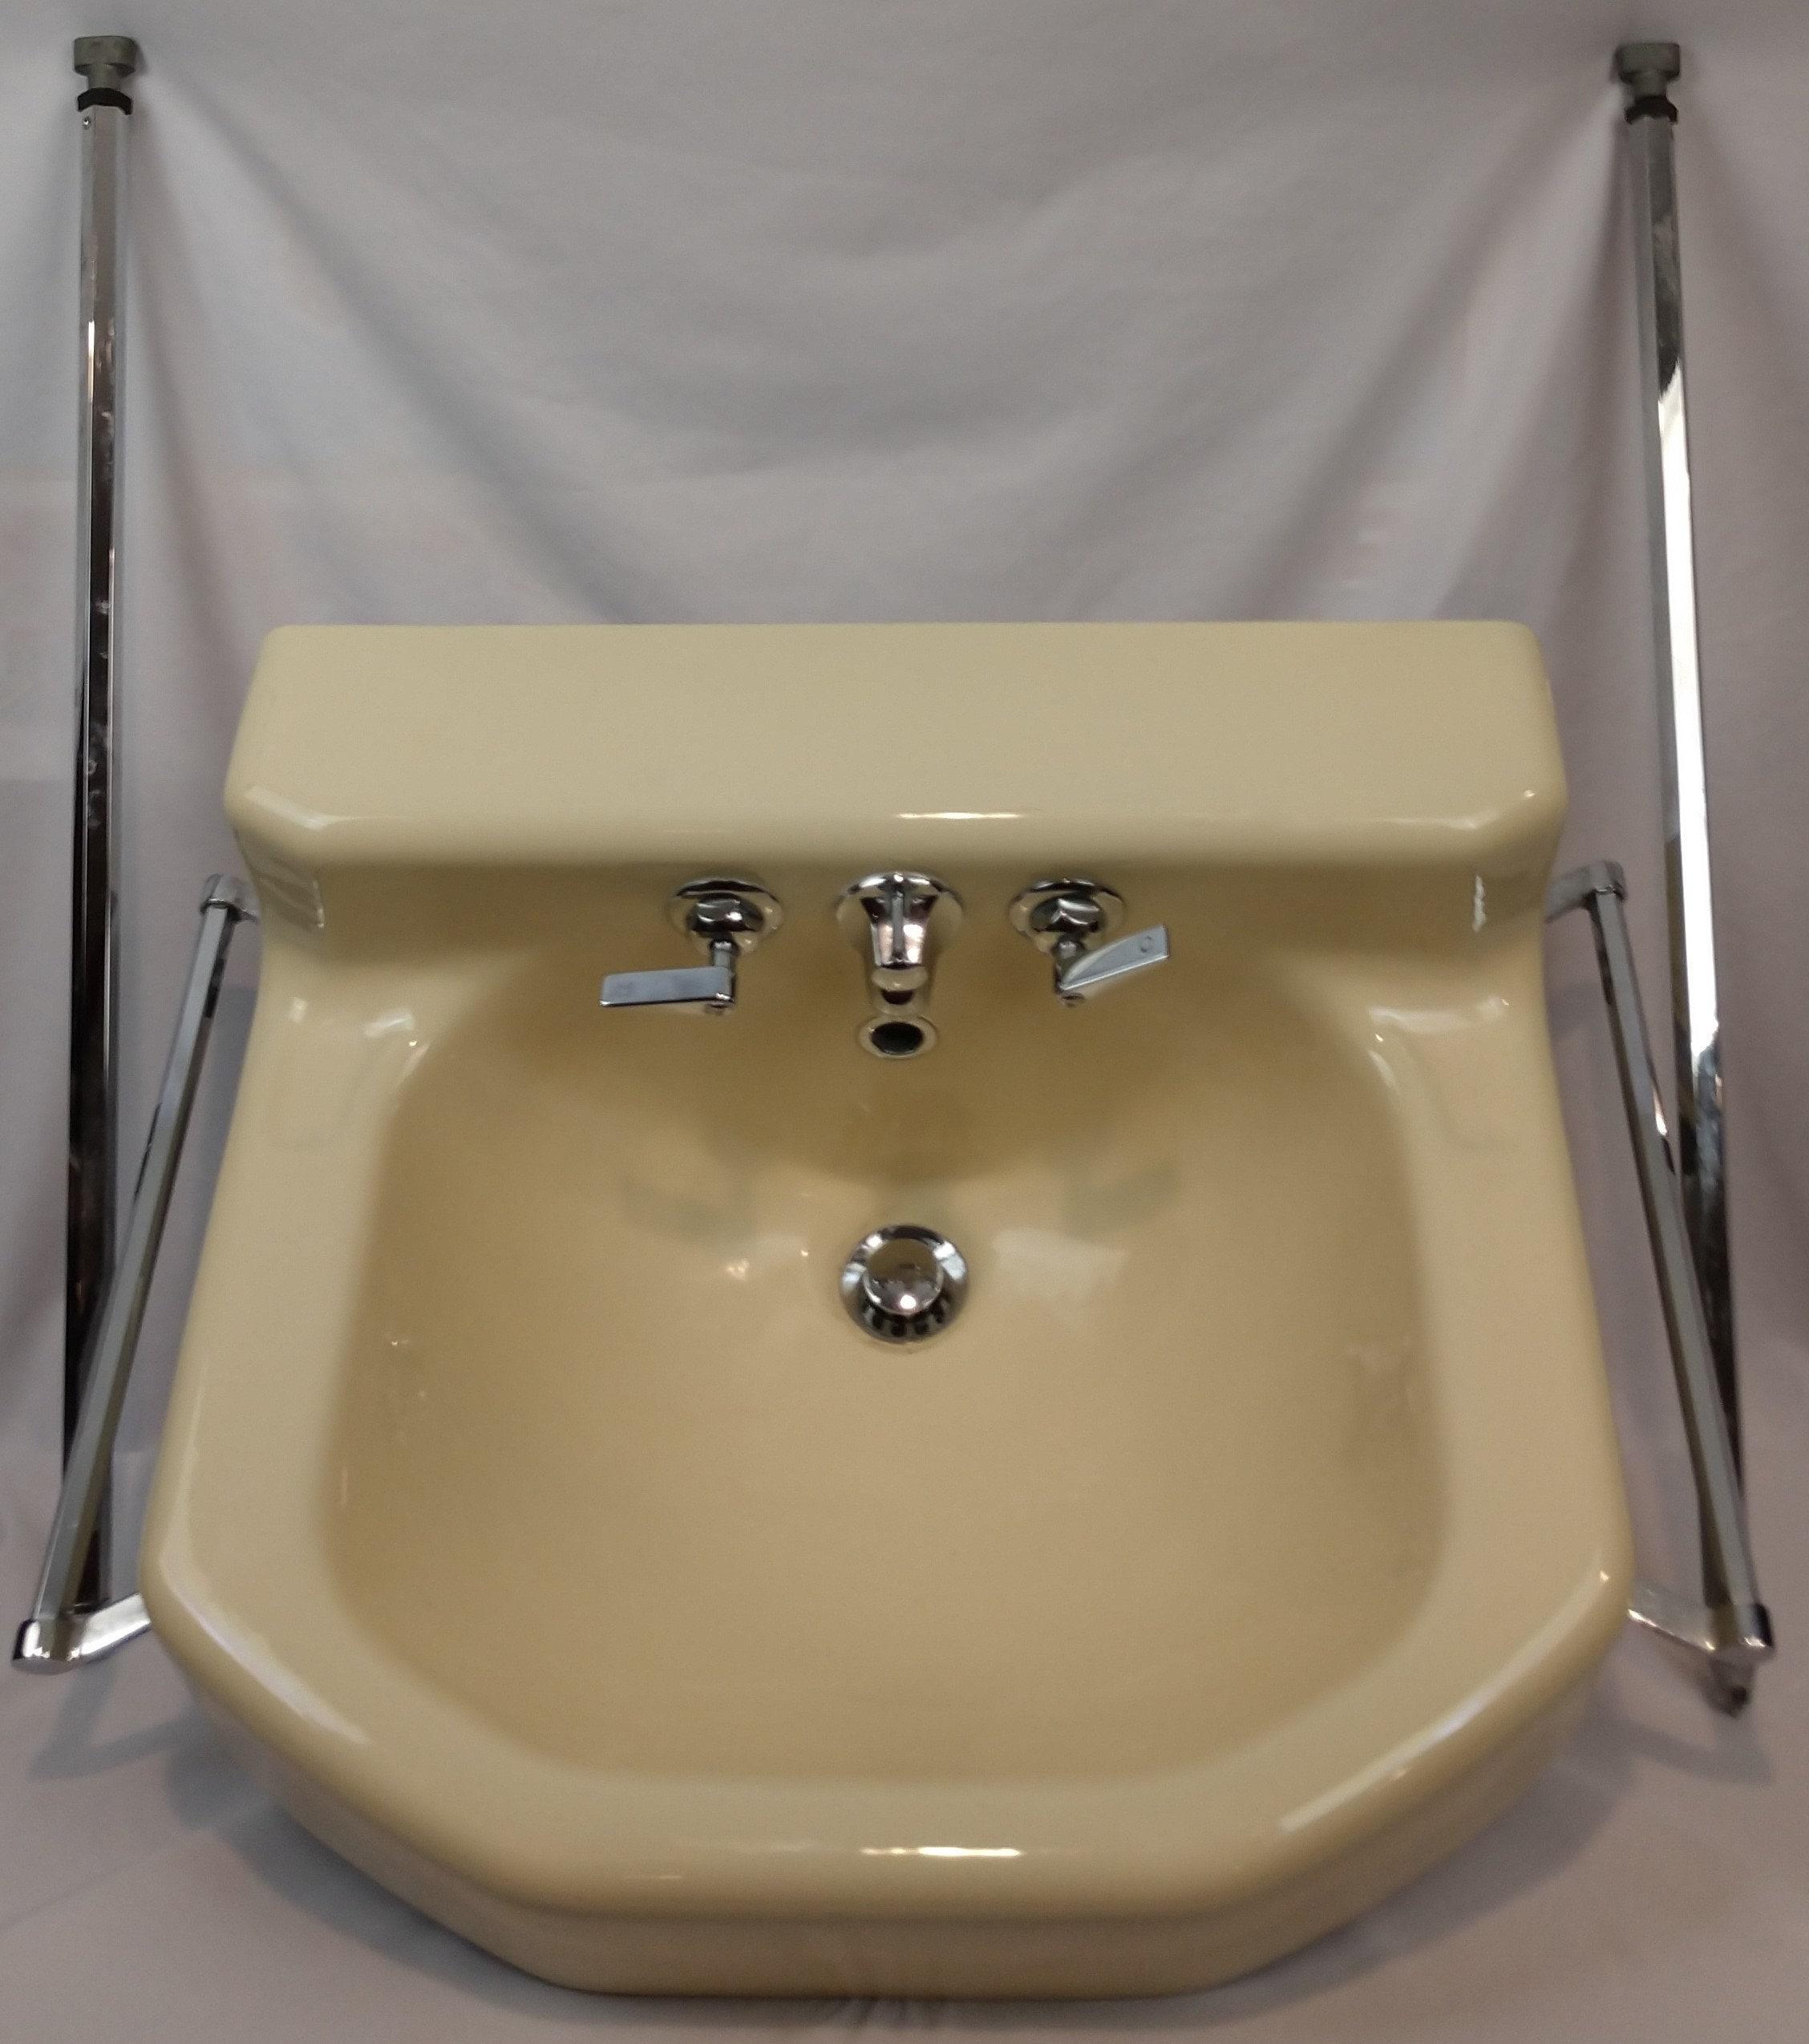 Vintage C1953 Kohler Tuscan Porcelain Over Cast Iron Bathroom Wall Sink Chrome